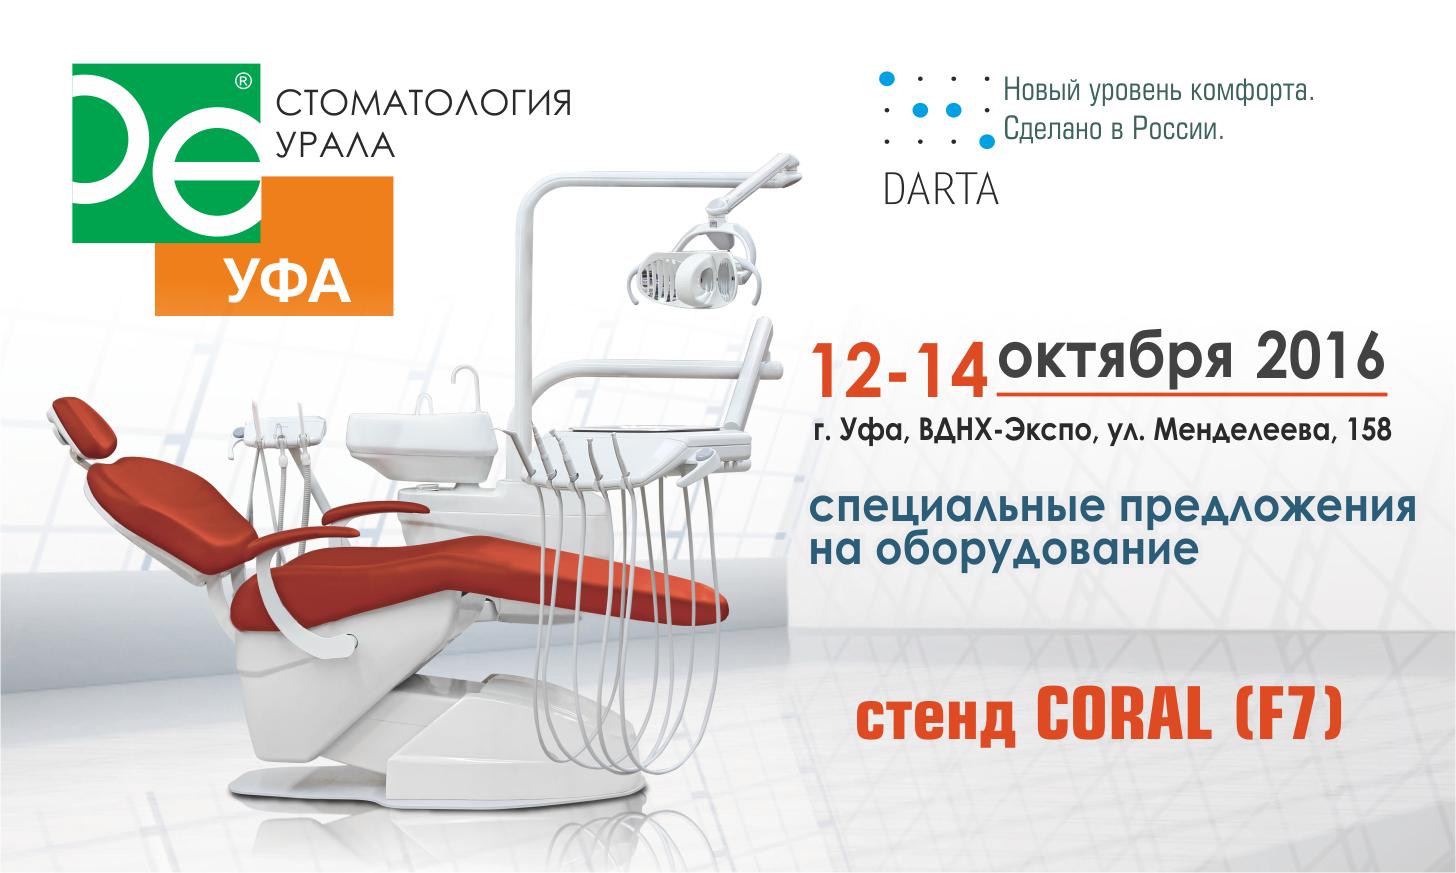 Приглашение на Стоматологическую выставку в Уфе